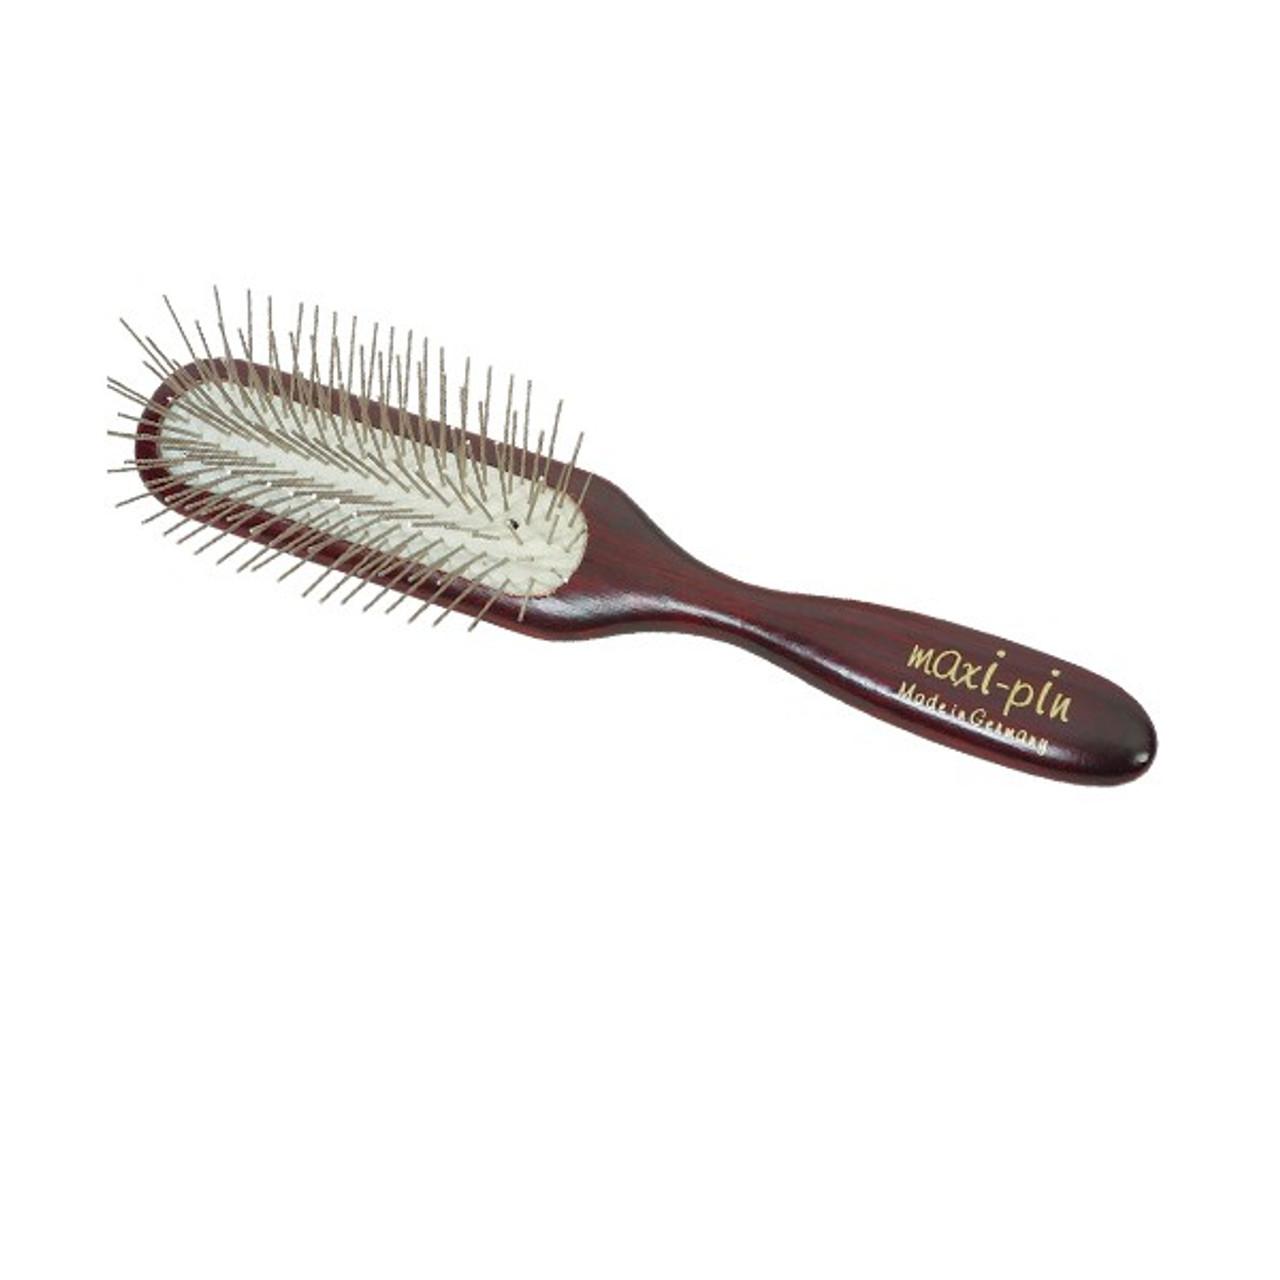 Pin Brushs